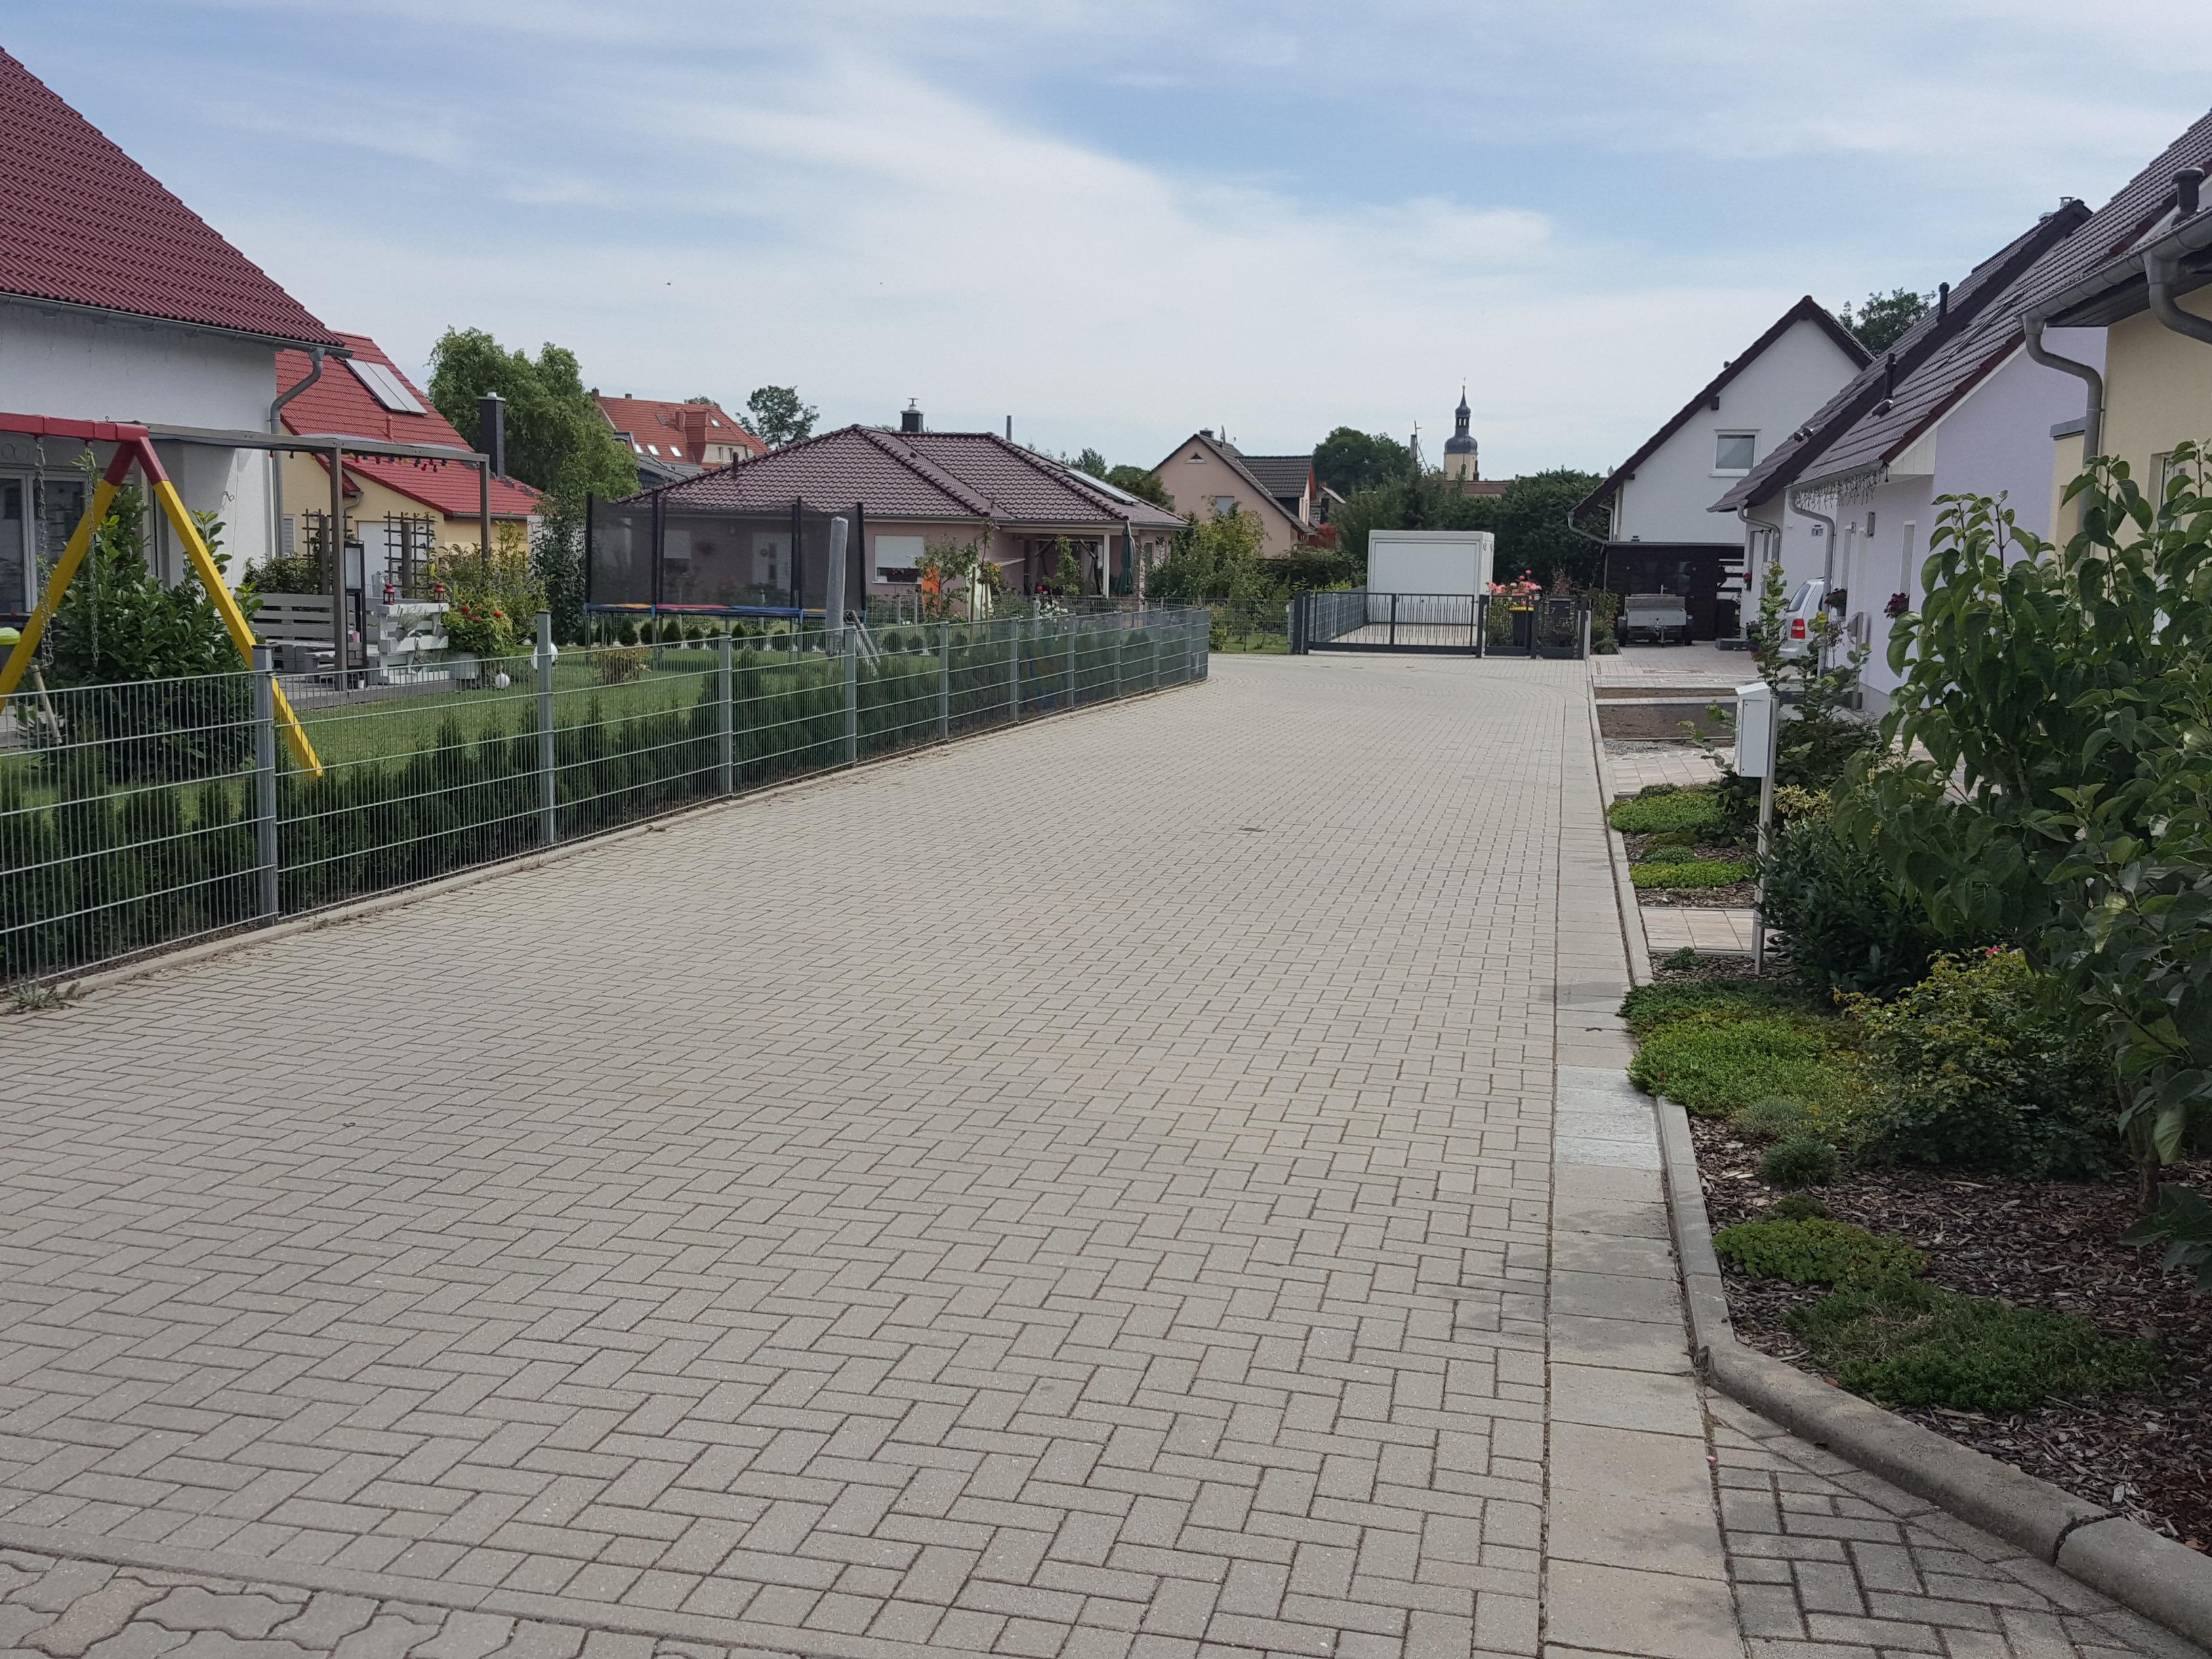 2017 - Anliegerstrasse-Liebertwolkwitz